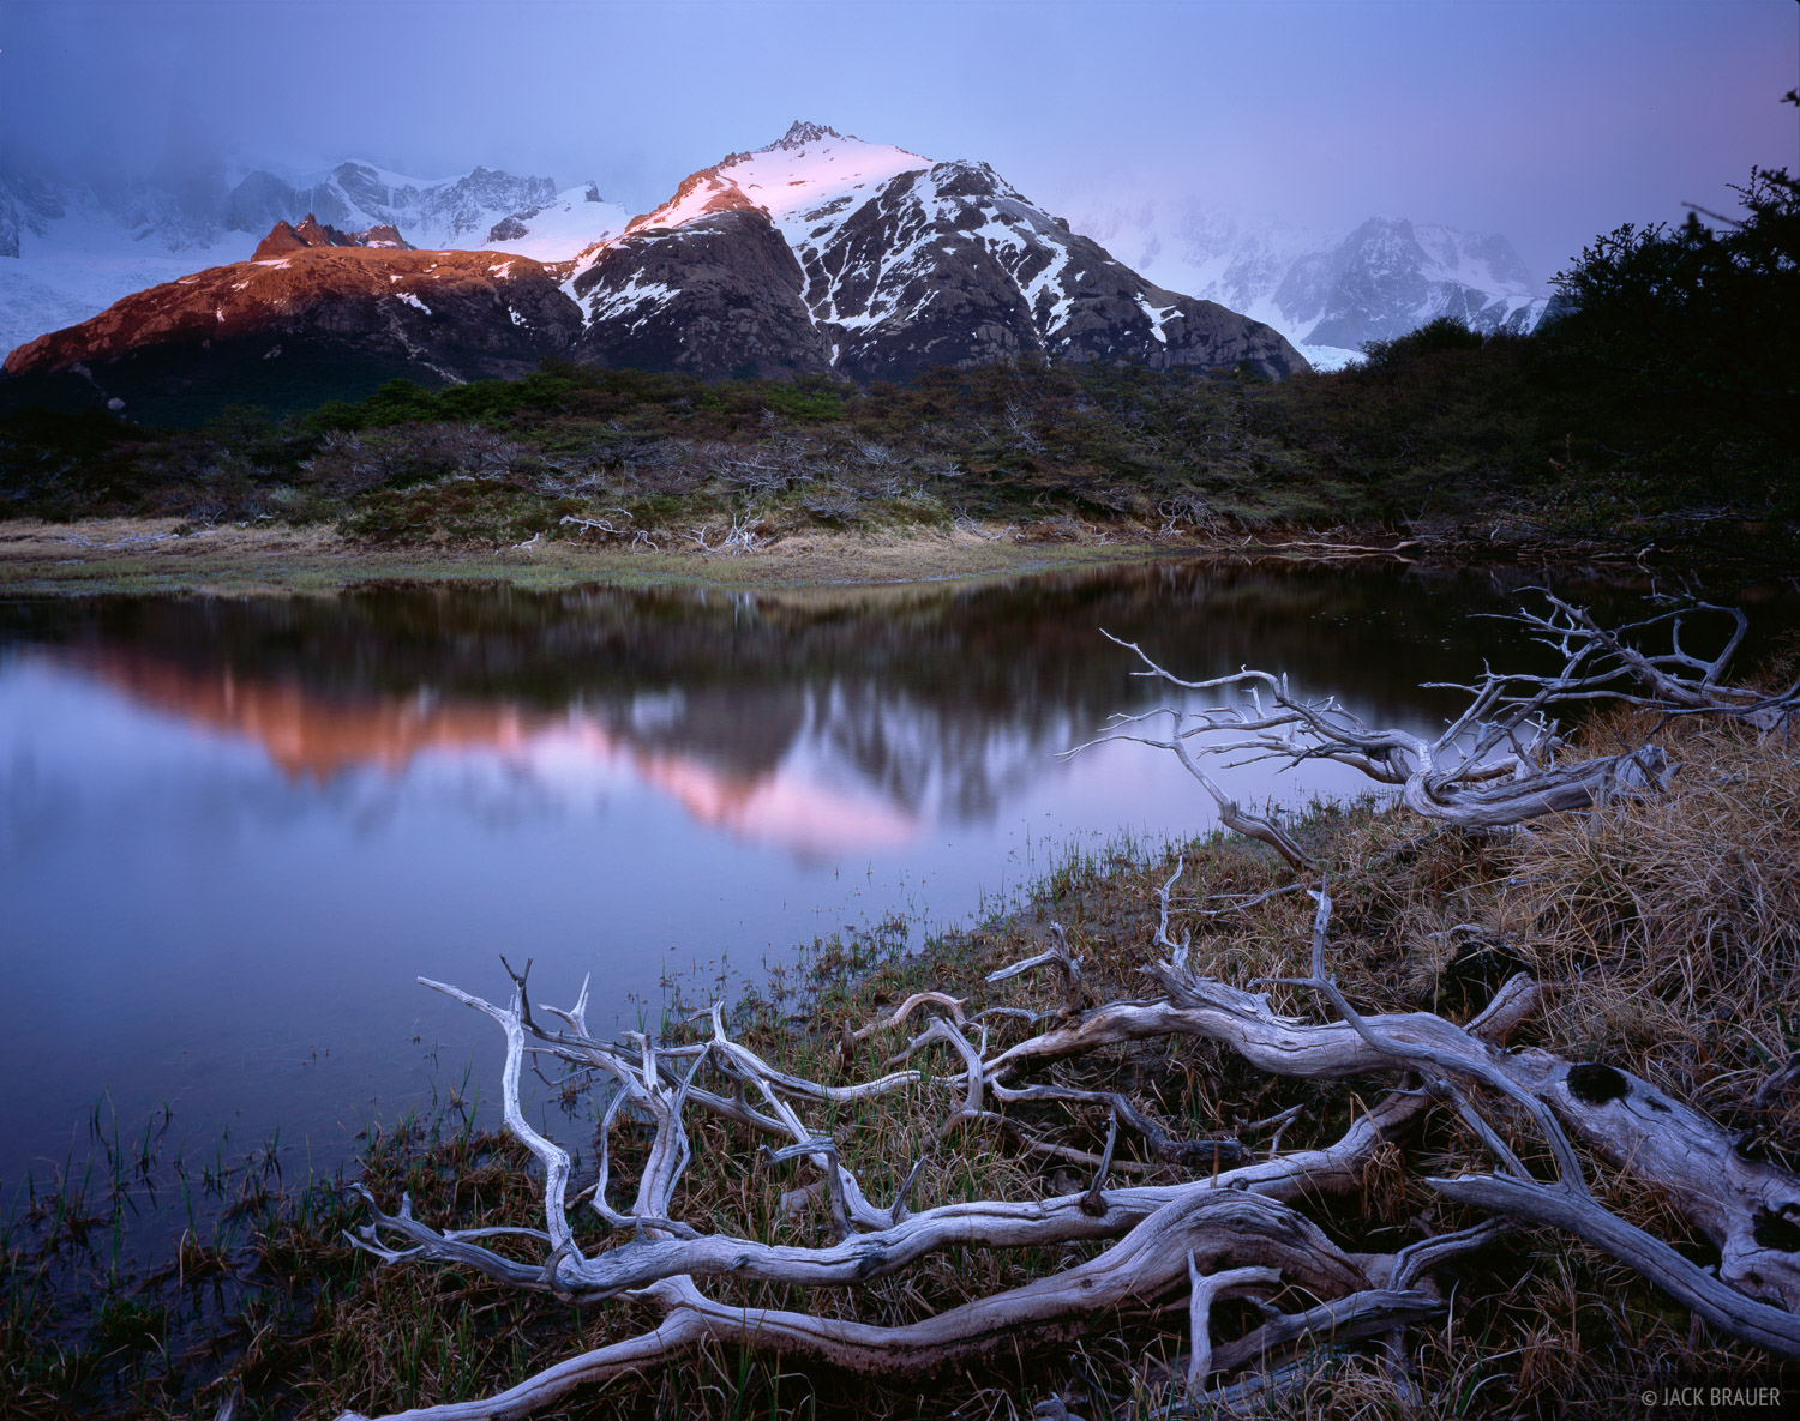 Cerro Madsen, Parque Nacional los Glaciares, Argentina, Patagonia, photo